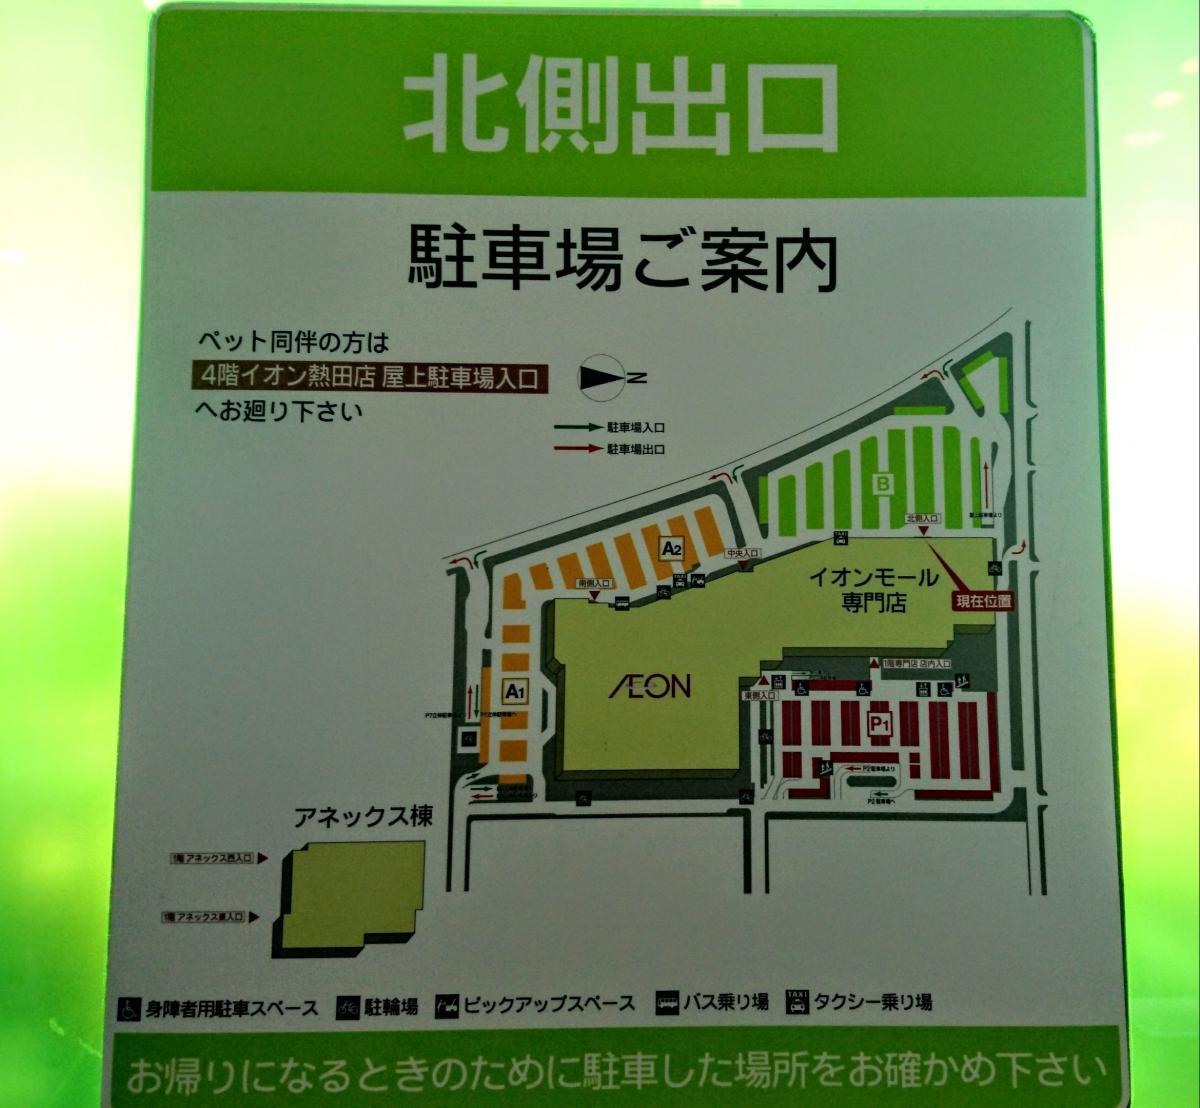 熱田 イオン 本屋